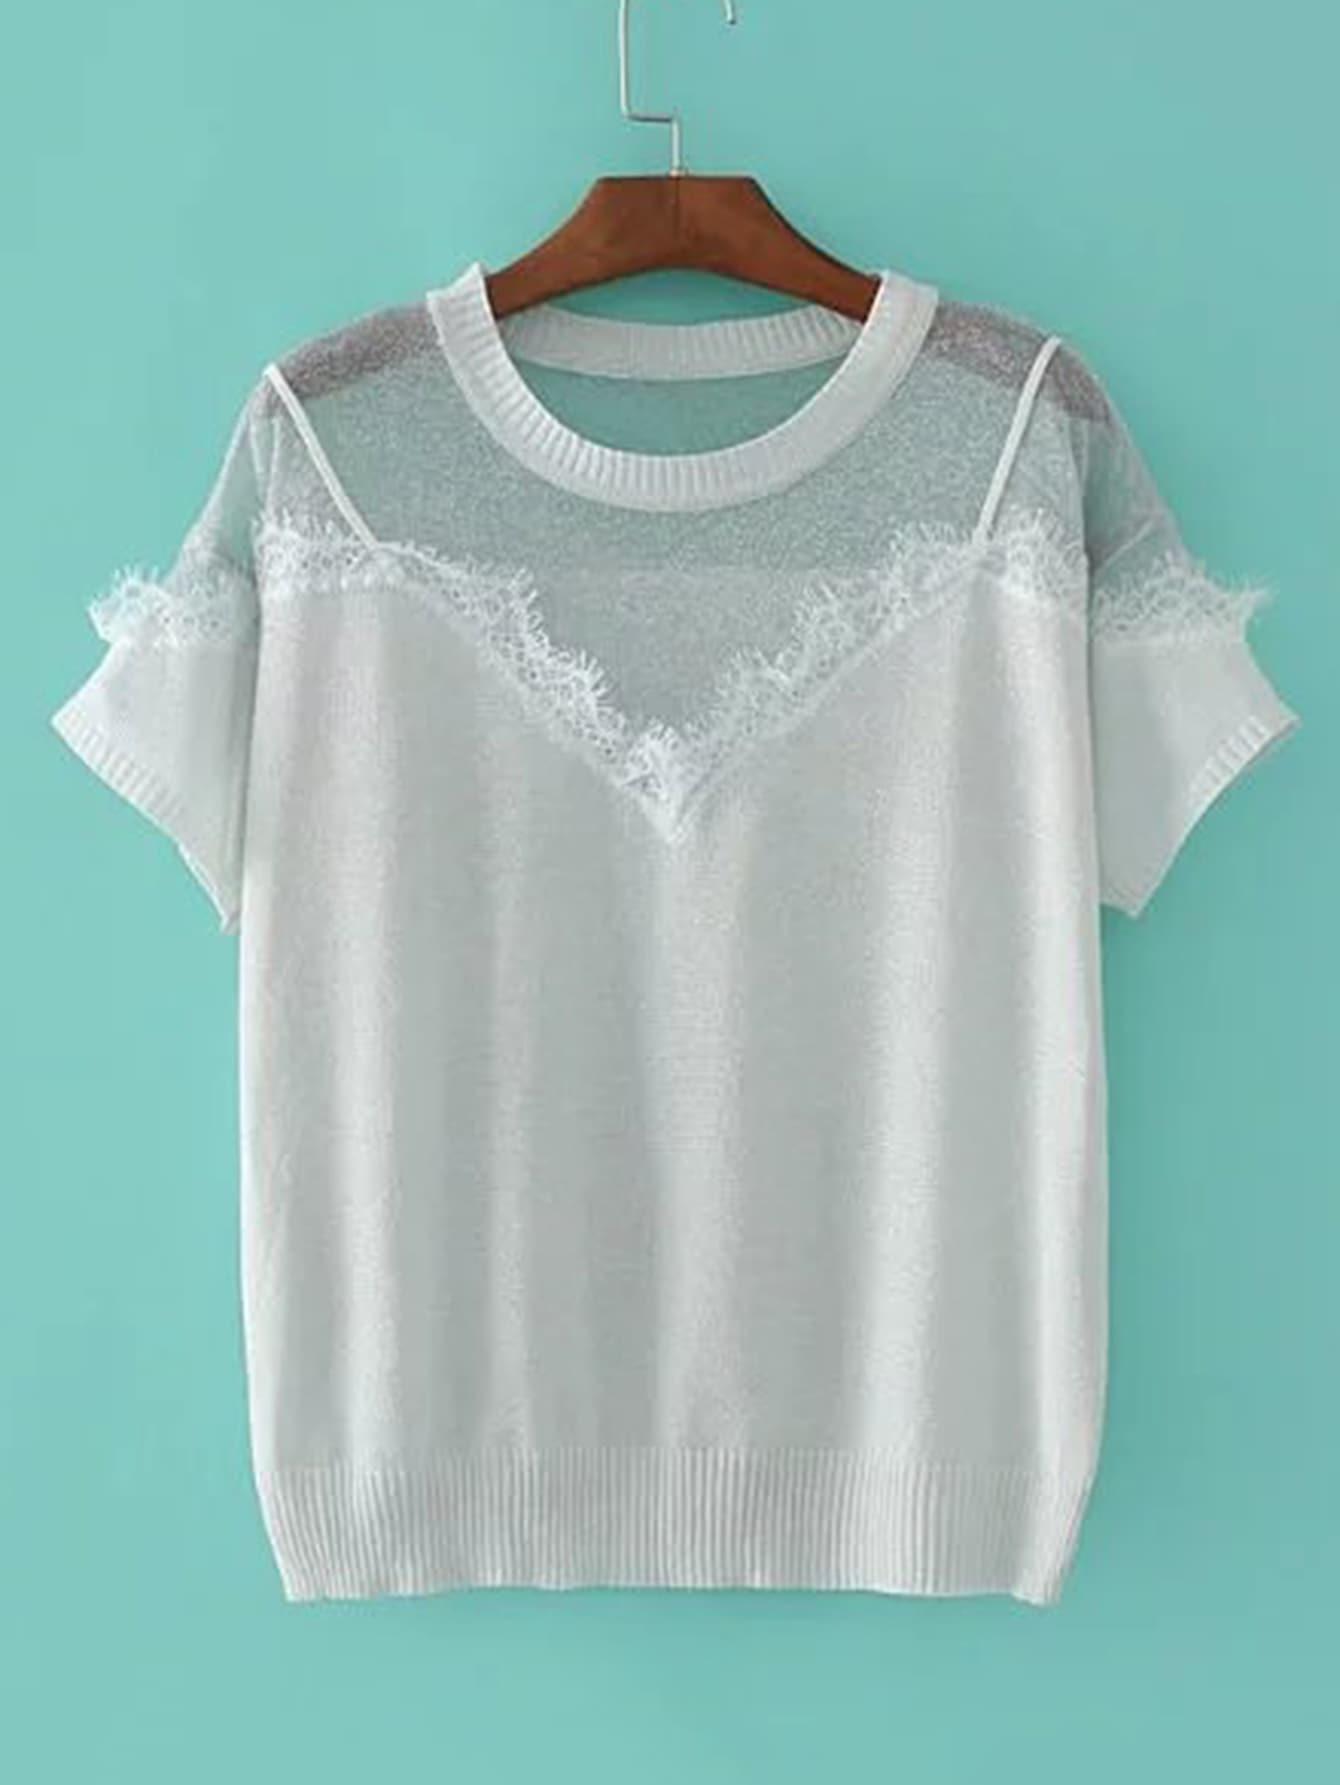 Contrast Lace 2 In 1 Knitwear sweater170426201